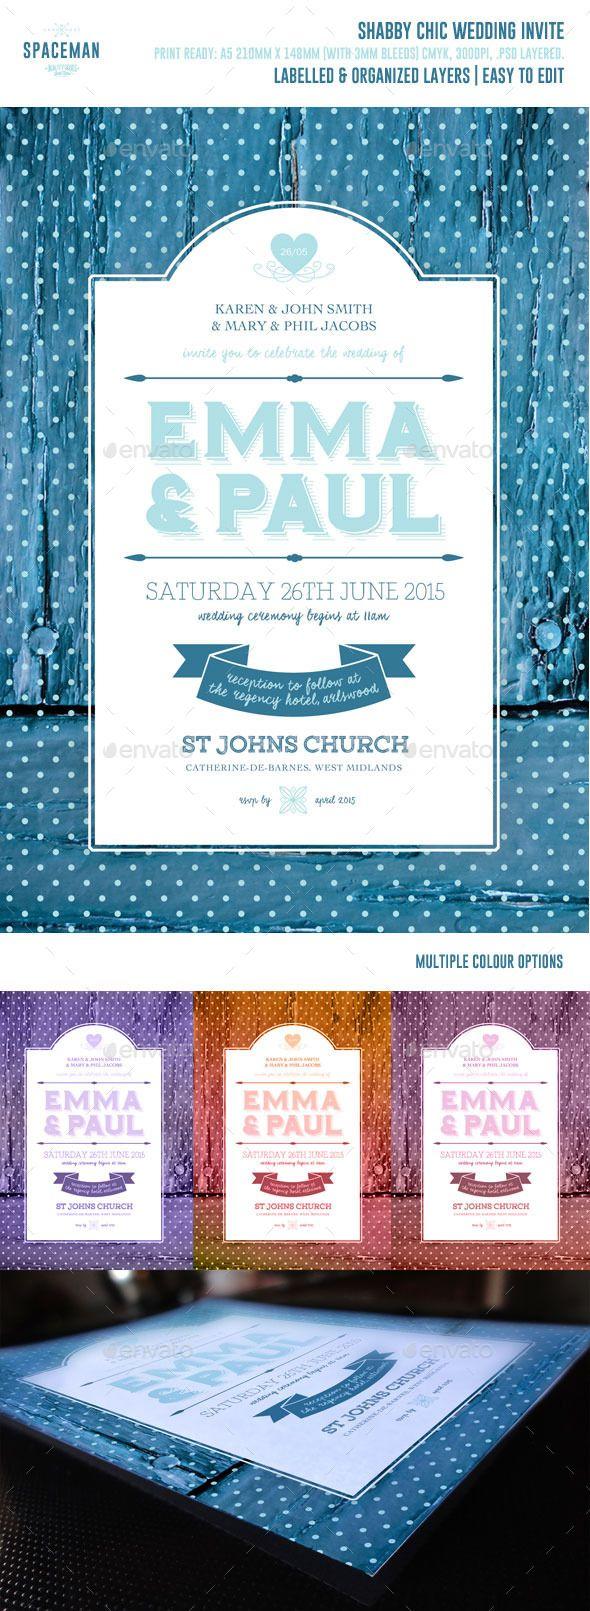 Shabby Chic Wedding Invite Shabby Chic Wedding